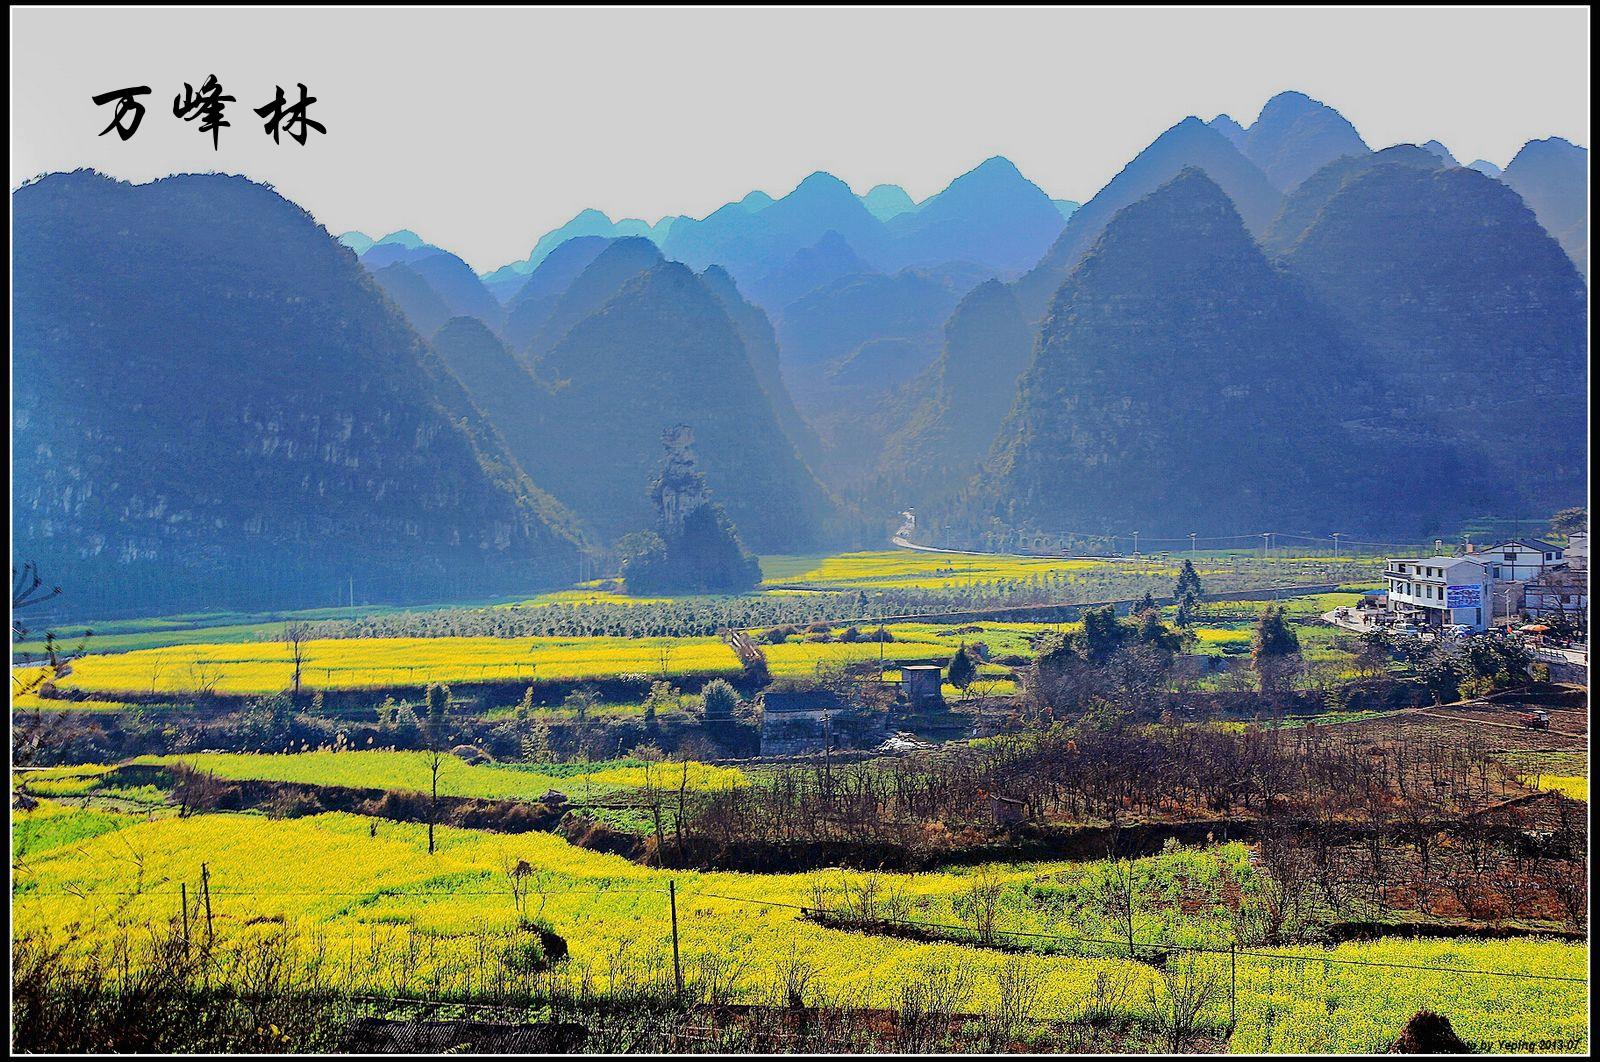 多彩贵州:兴义万峰林(叶平)图片